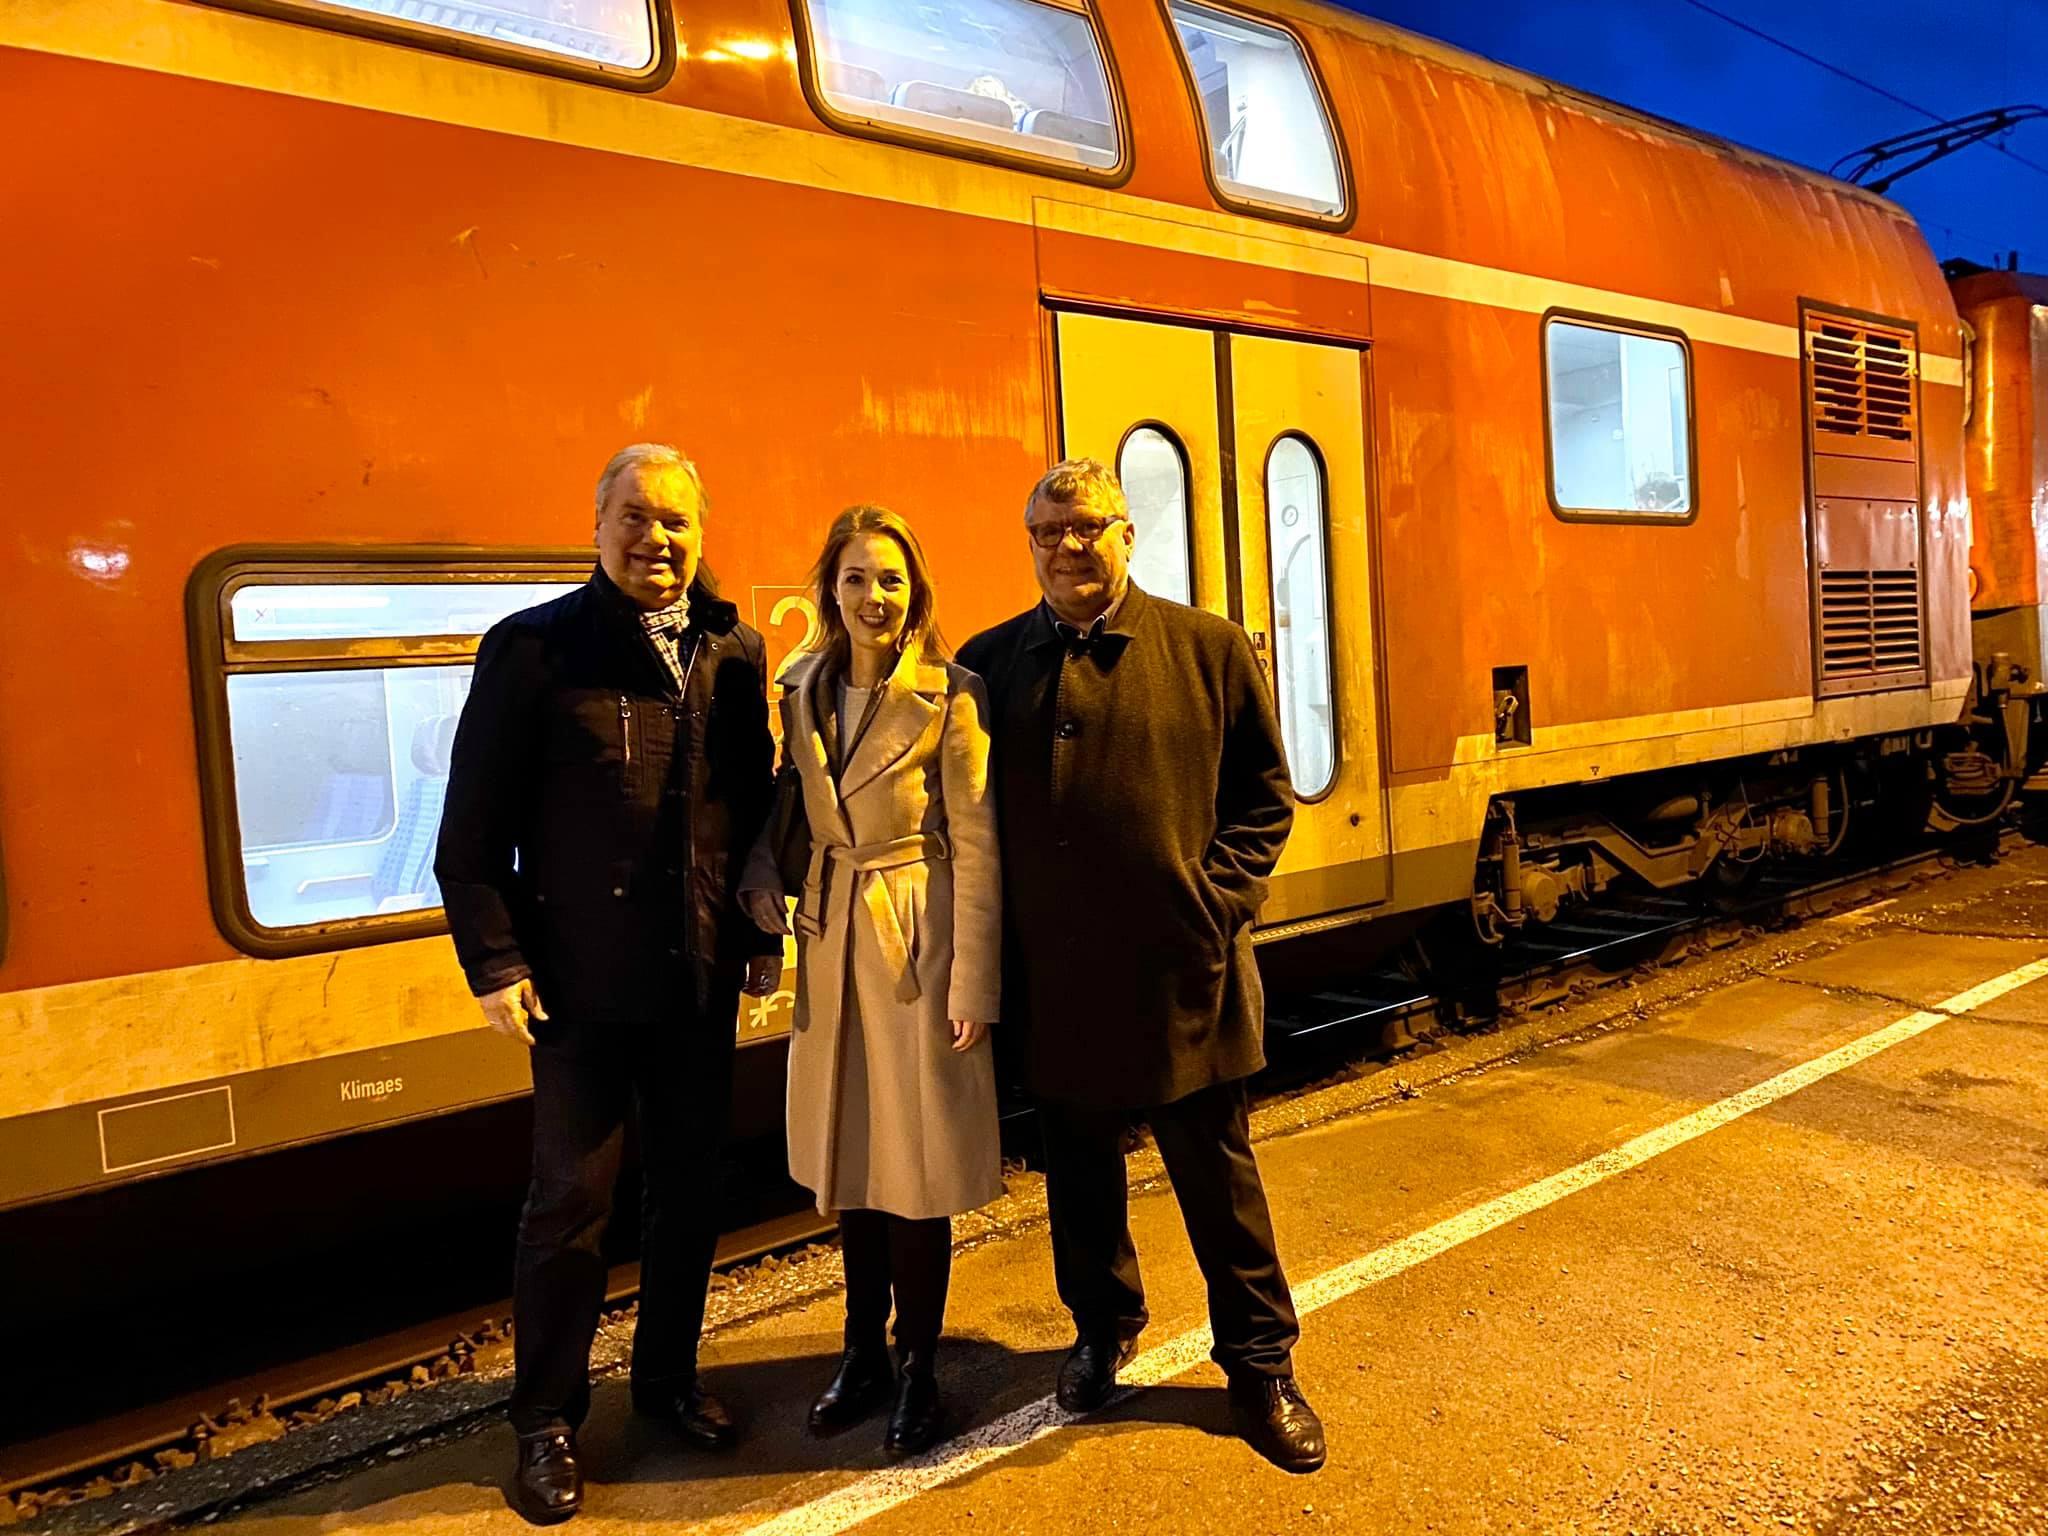 Winterfahrplan der Bahn an der Rheinschiene muss überarbeitet werden